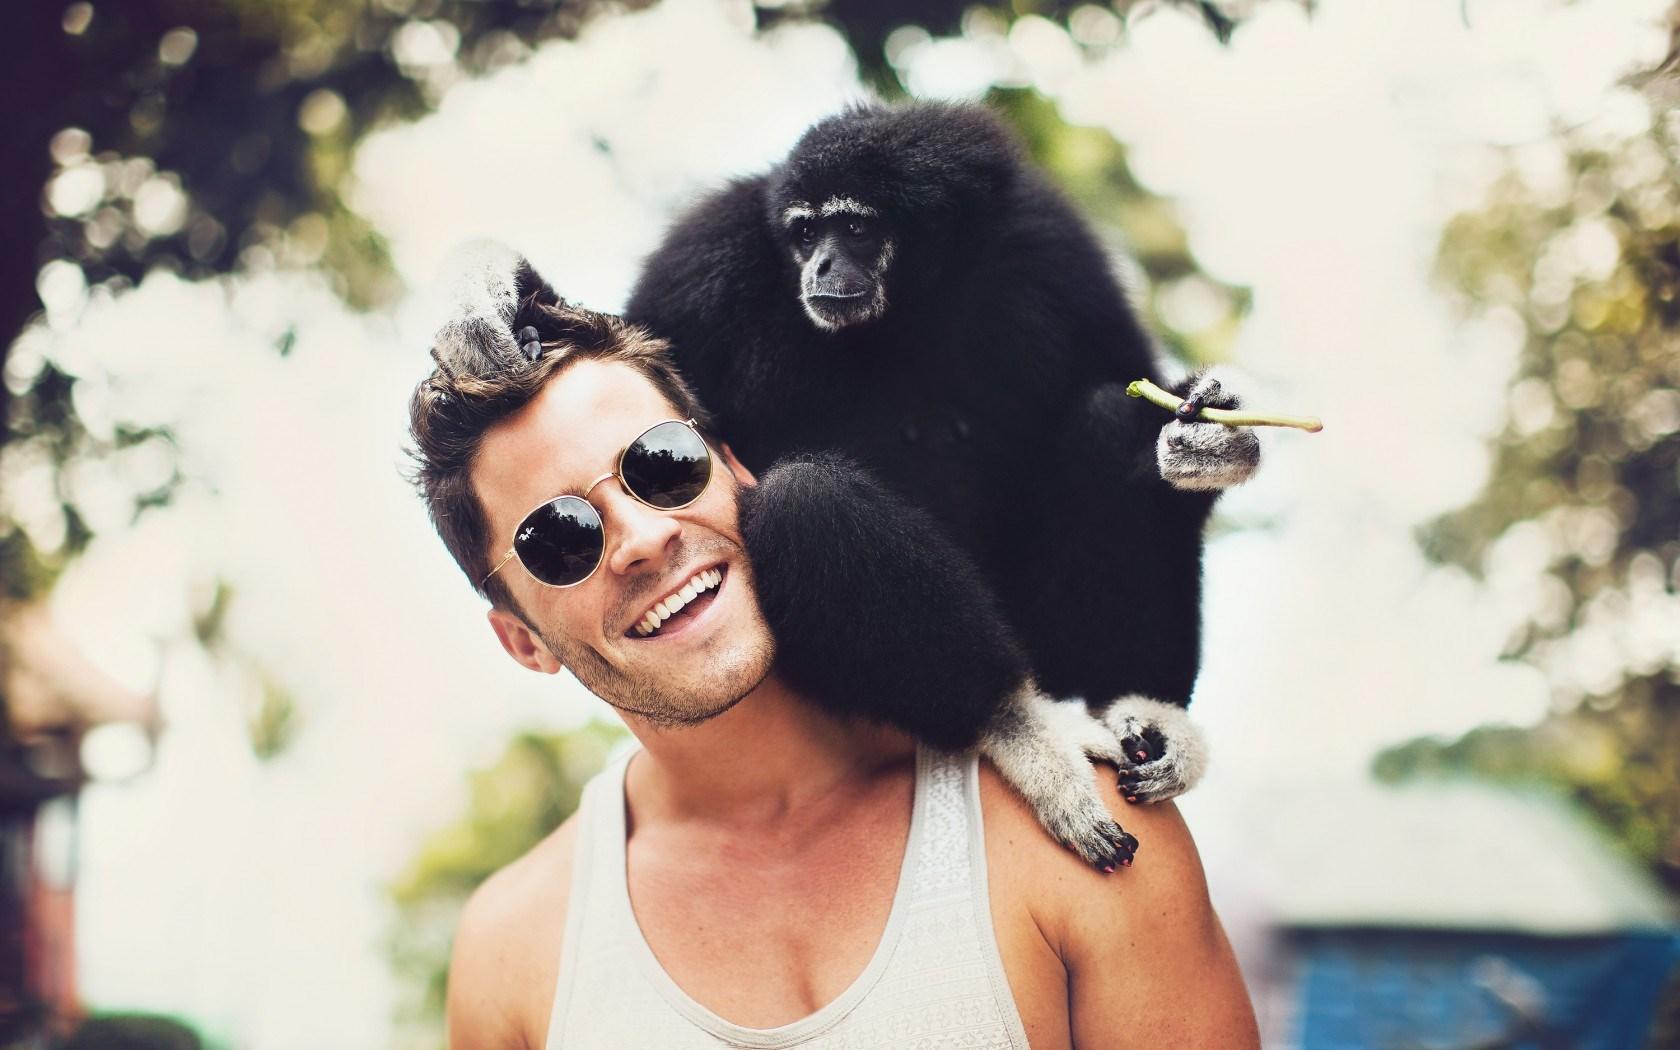 monkey pet